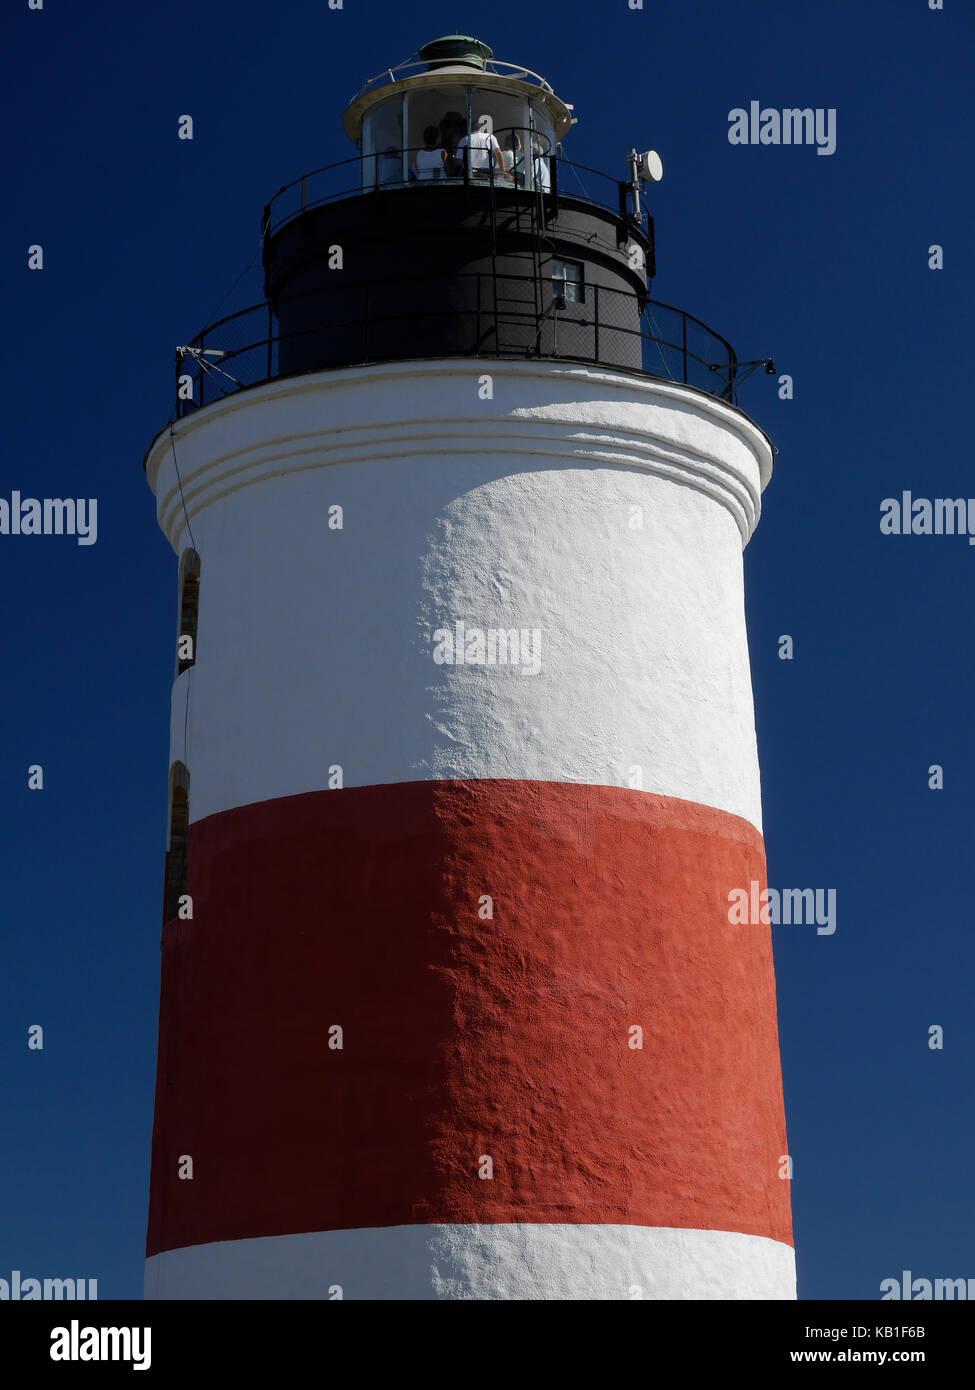 Le phare de Söderarm, à l'extérieur de Räfsnäs, Gräddö, Rådmansö dans l'archipel de Roslagen à Stockholm, en Suède, en Europe. Banque D'Images